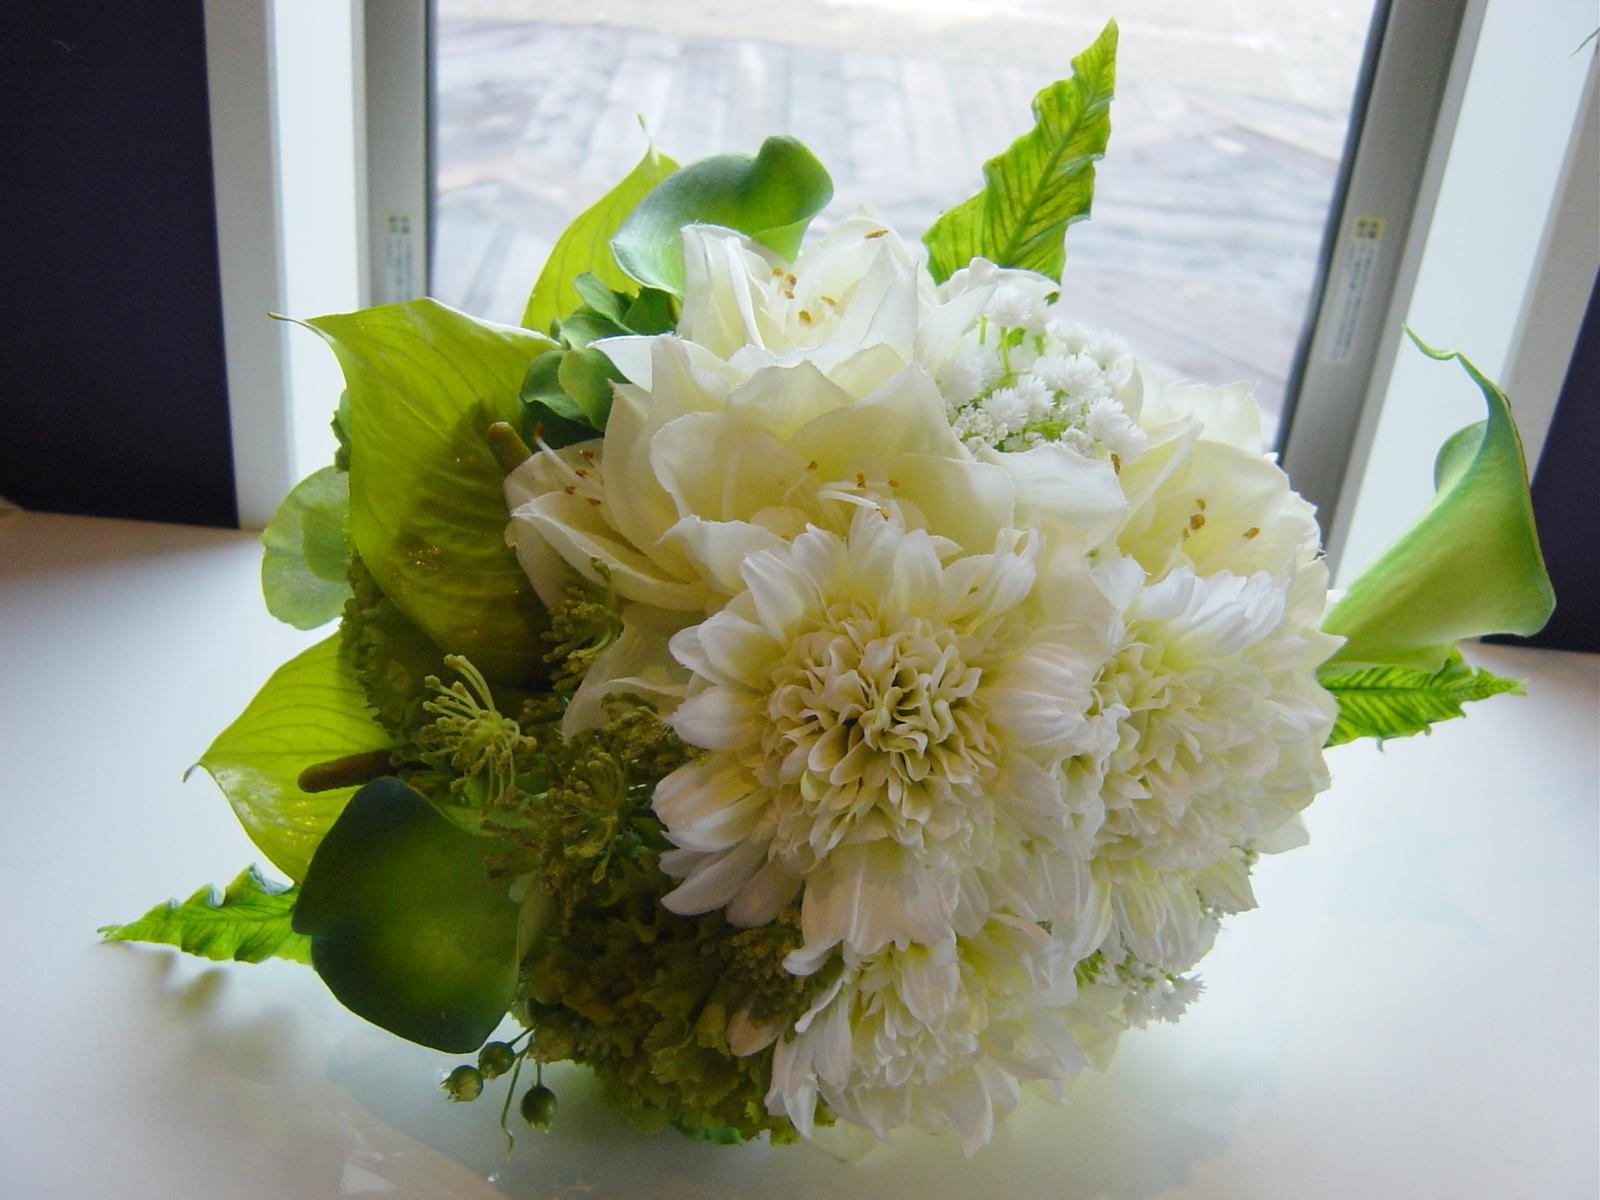 カタチに残る「造花のウェディングブーケ」(過去製作作品)